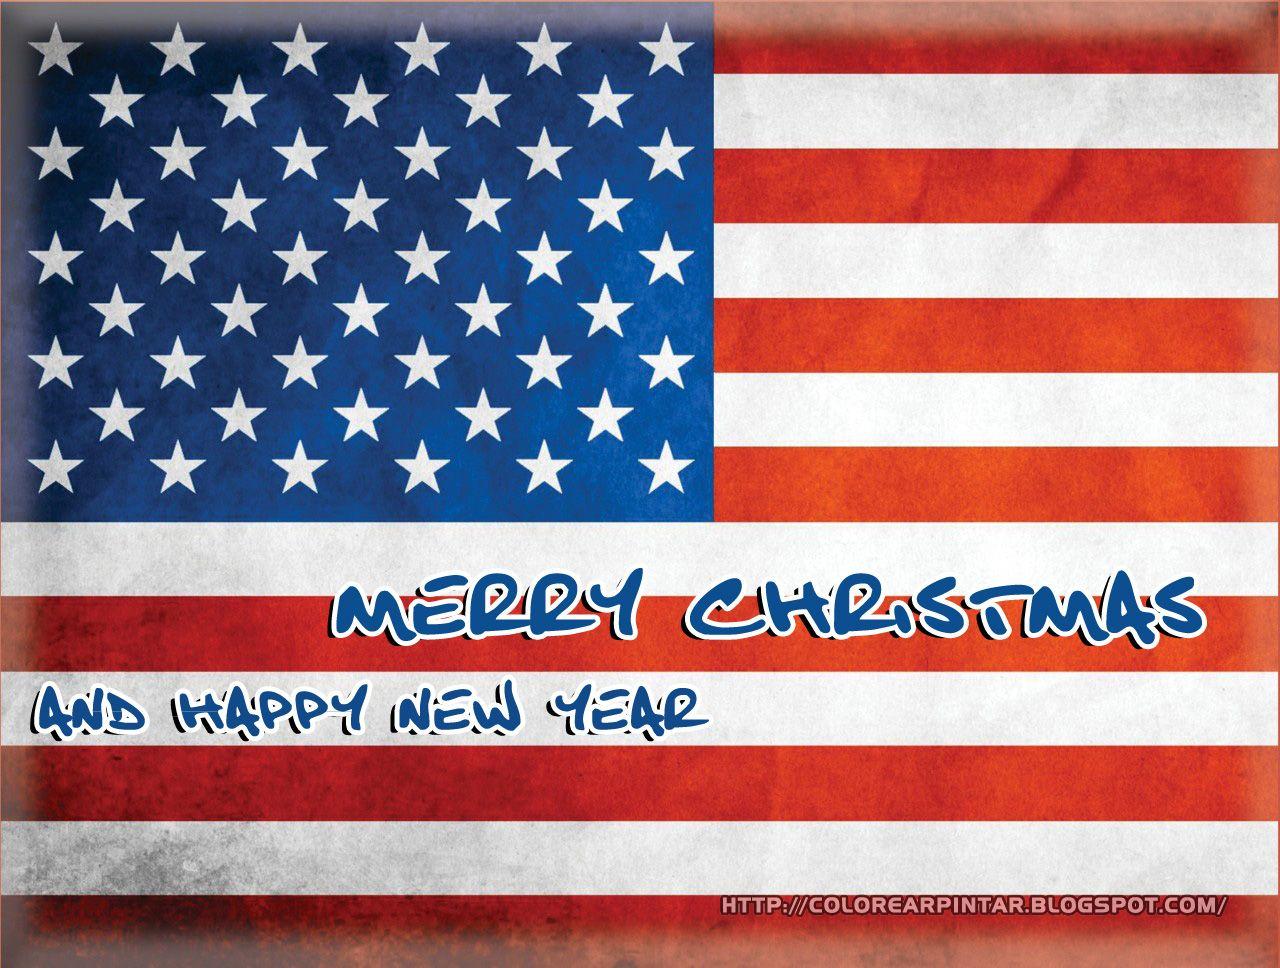 Colorear Pintar Bandera De Estados Unidos Con Merry Christmas